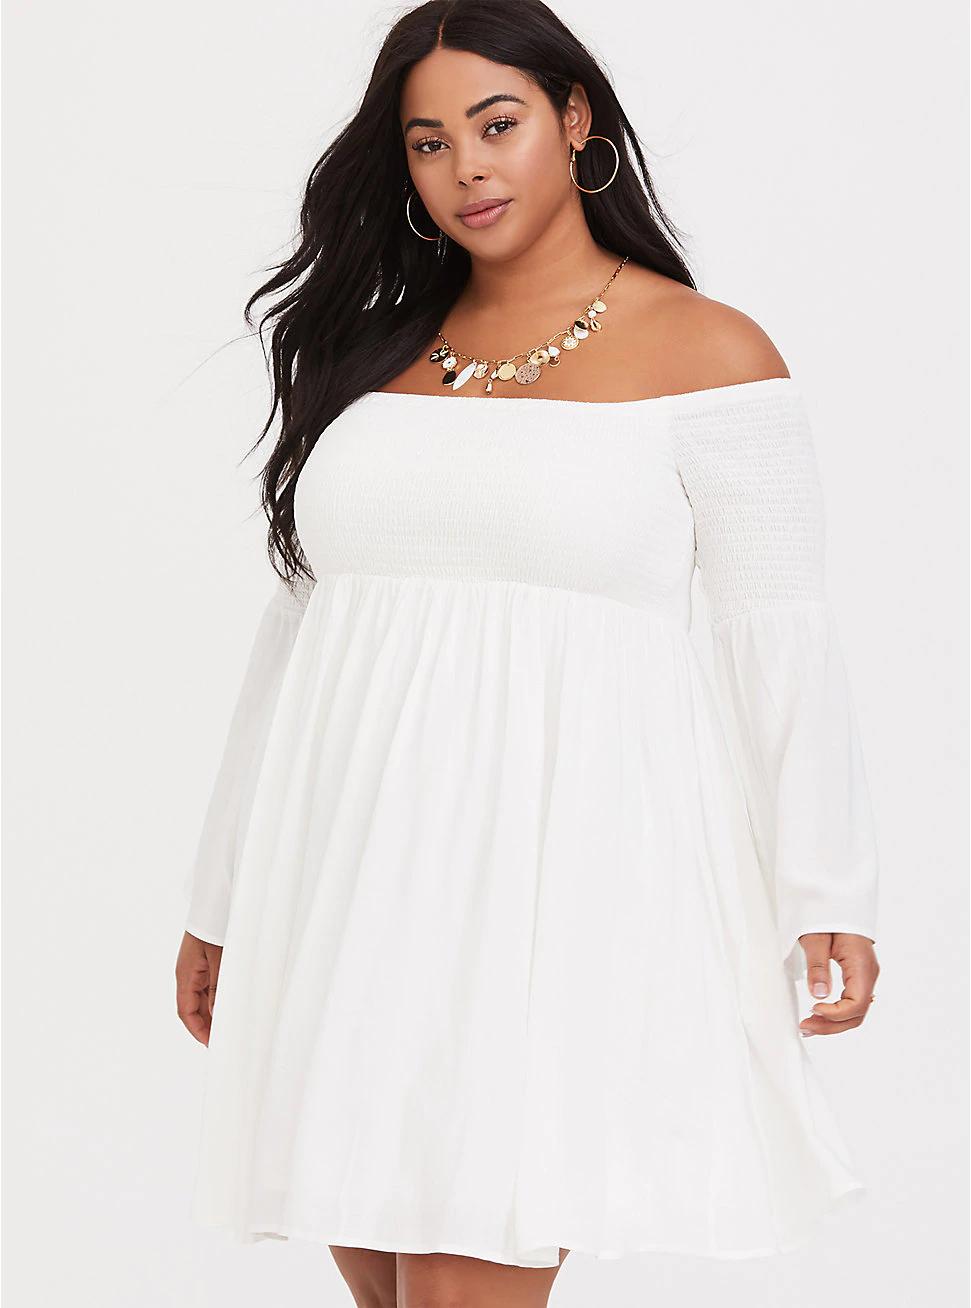 Ivory Challis Off Shoulder Skater Dress In 2021 Plus Size Skater Dress White Plus Size Dresses Plus Size Dresses [ 1308 x 971 Pixel ]